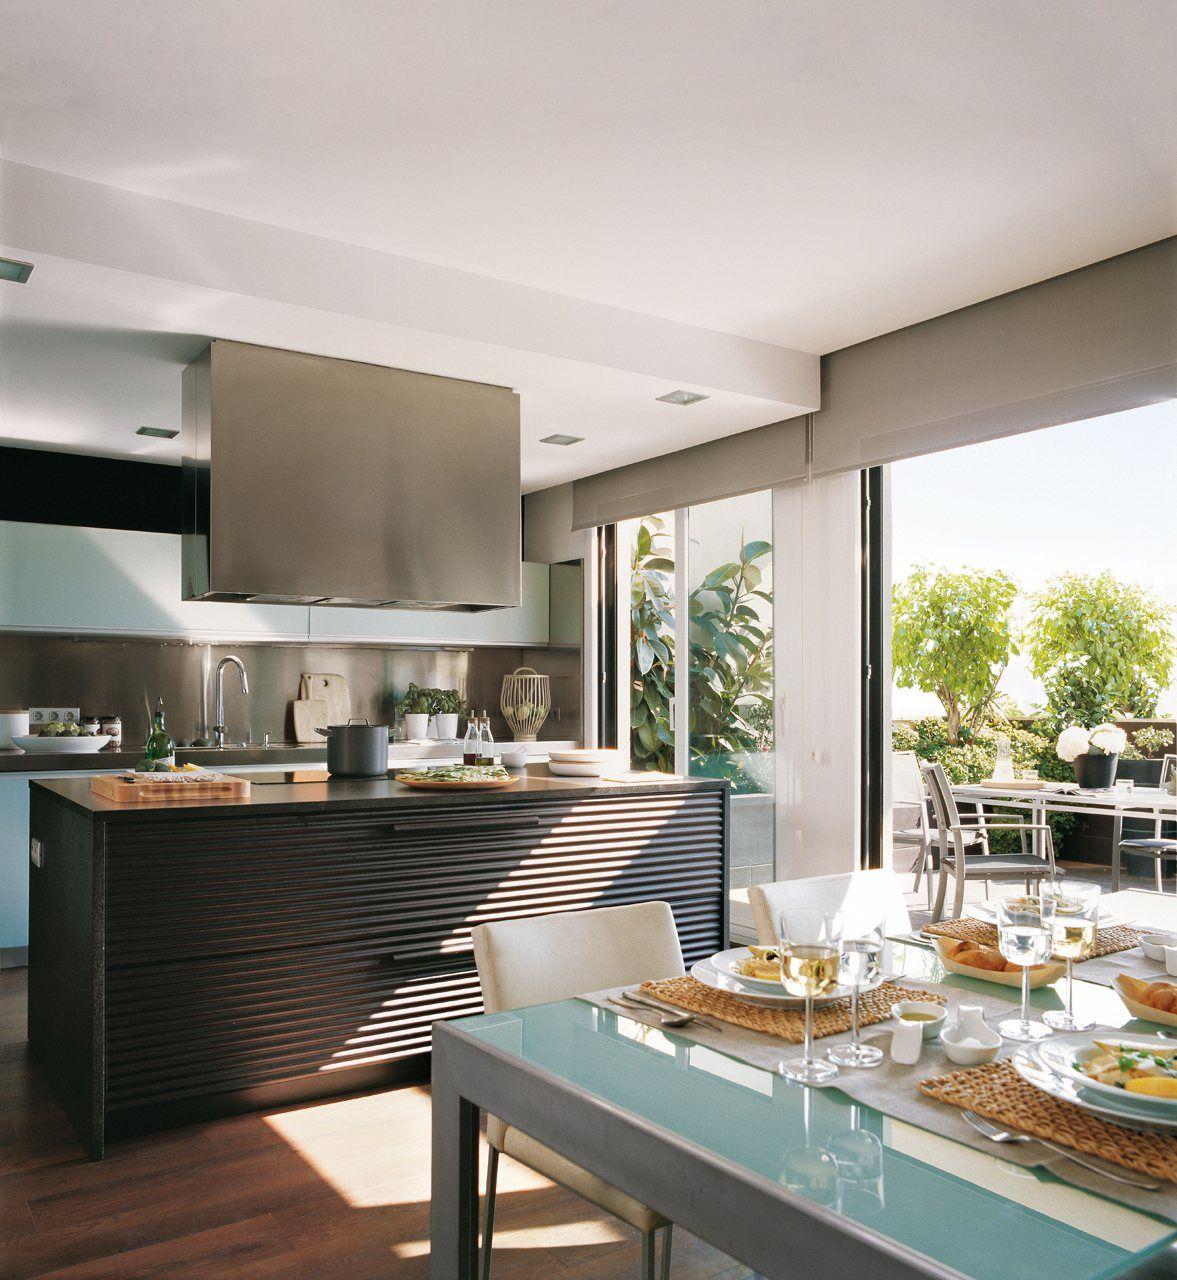 Renovar la cocina sin obras cocinas y - Renovar cocina sin obras ...